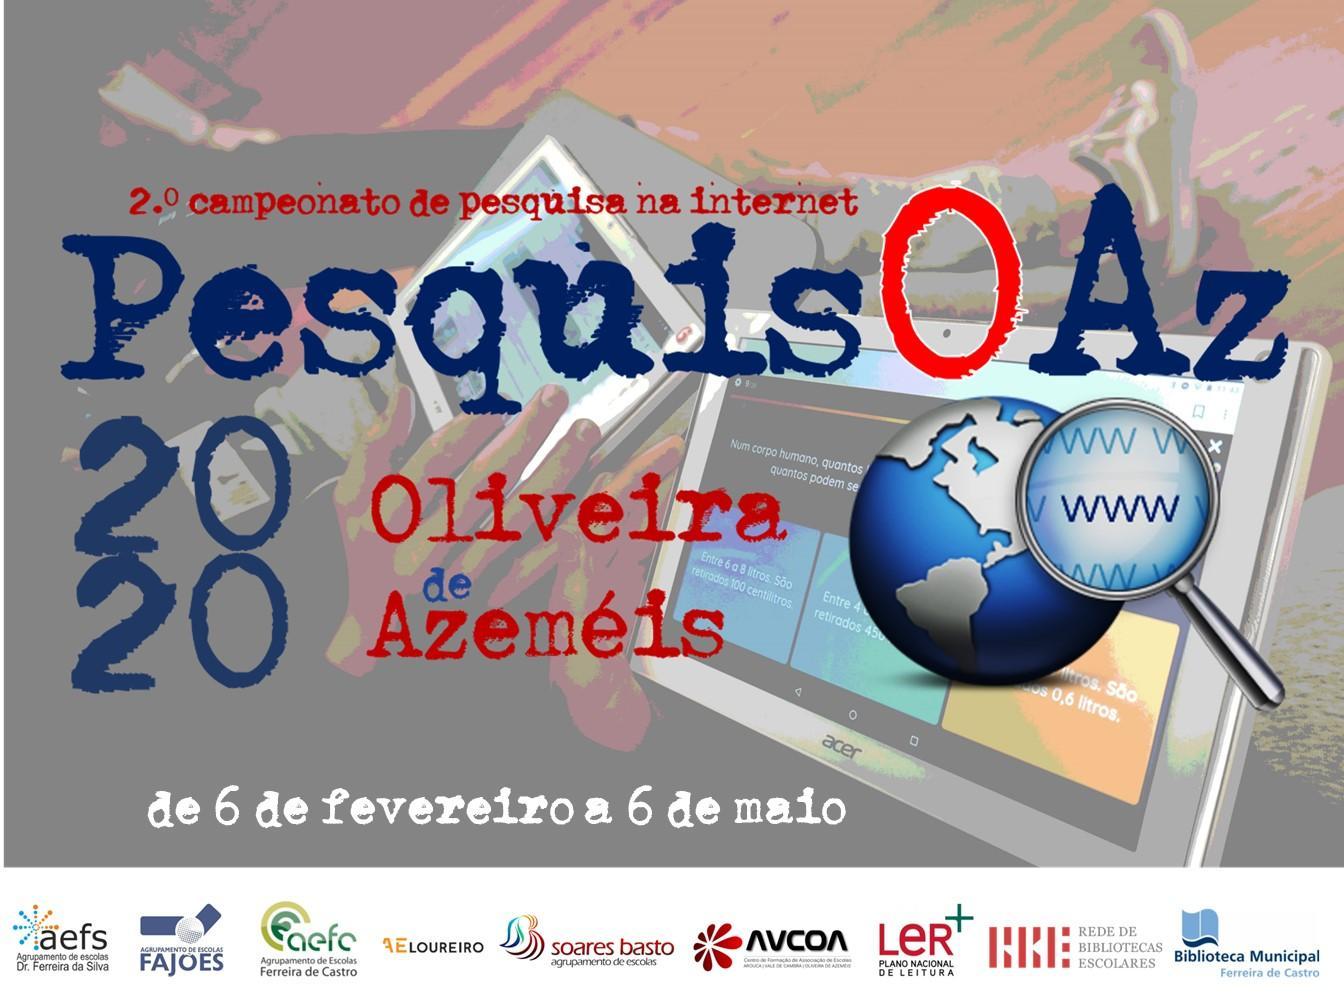 2º Campeonato de Pesquisa na internet - PesquisOAz.